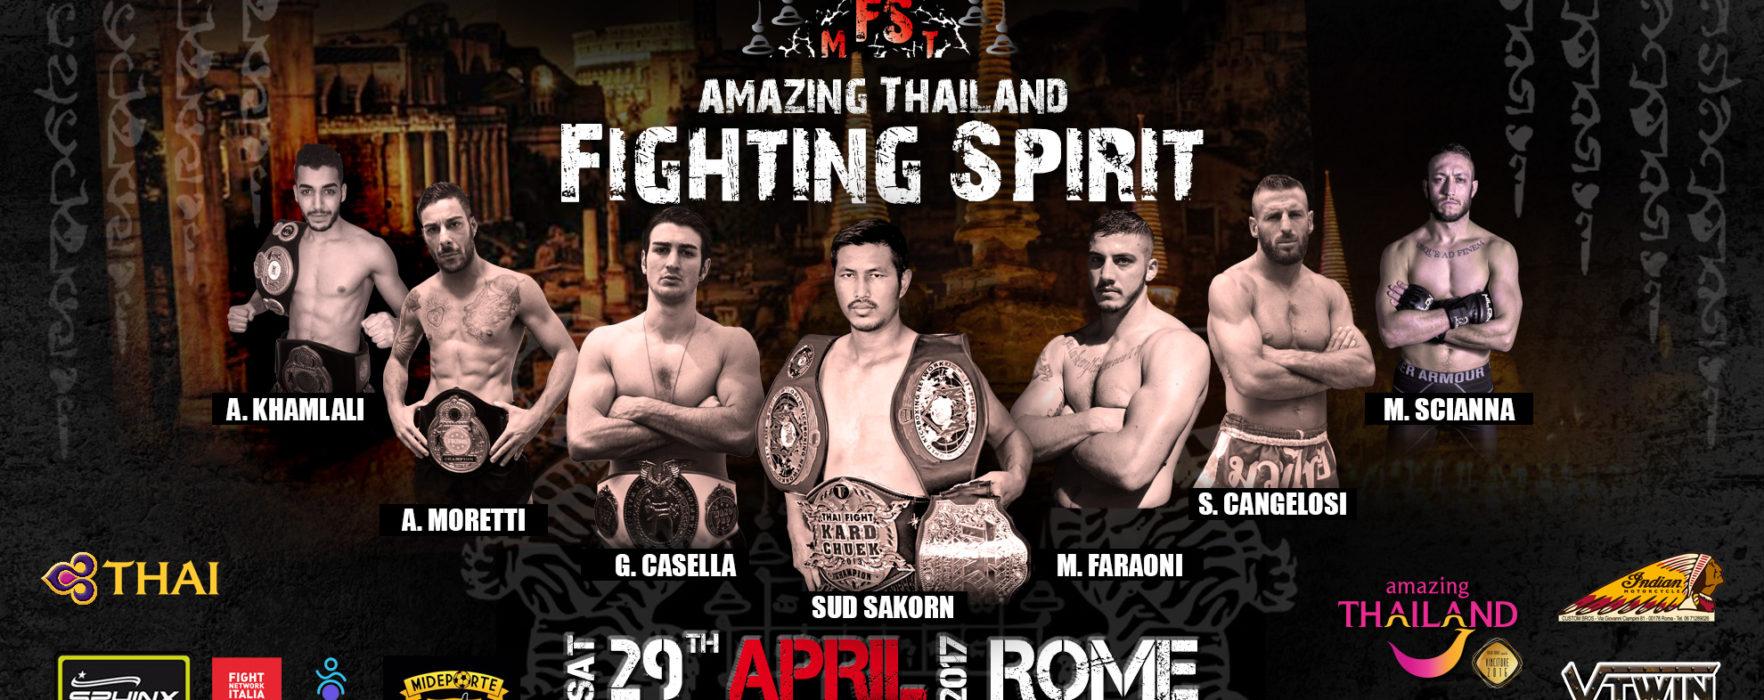 """Comunicato stampa da parte di """"Amazing  Thailand Fighting Spirit"""" (29 aprile, Roma)"""